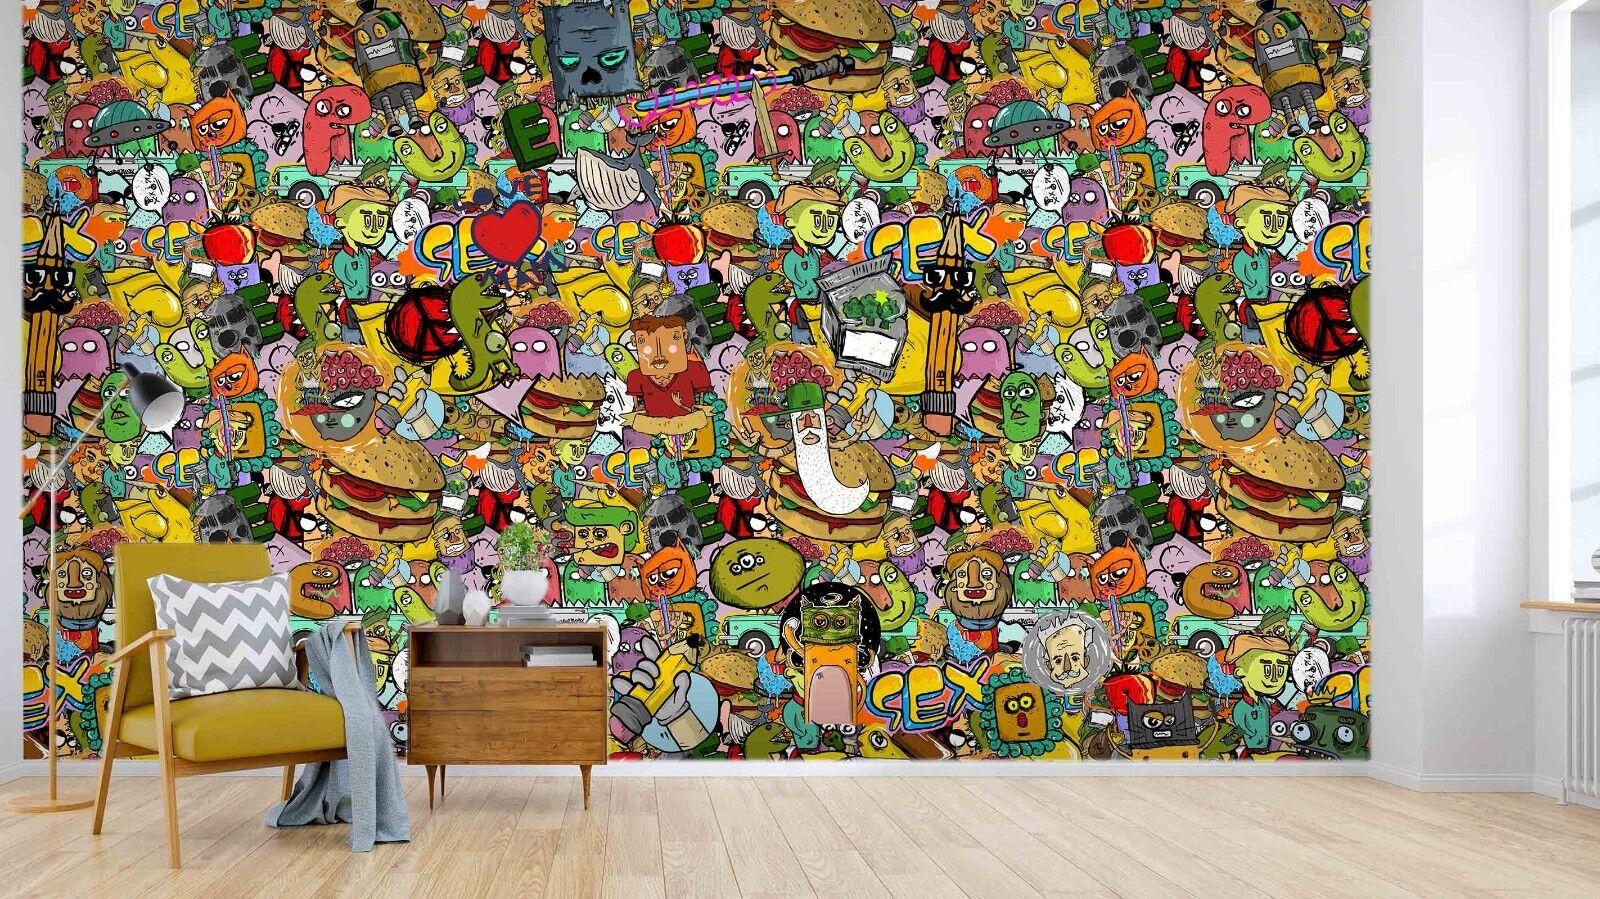 3D Garbage Graffiti Art 87 Wallpaper Mural Paper Wall Print Murals UK Lemon